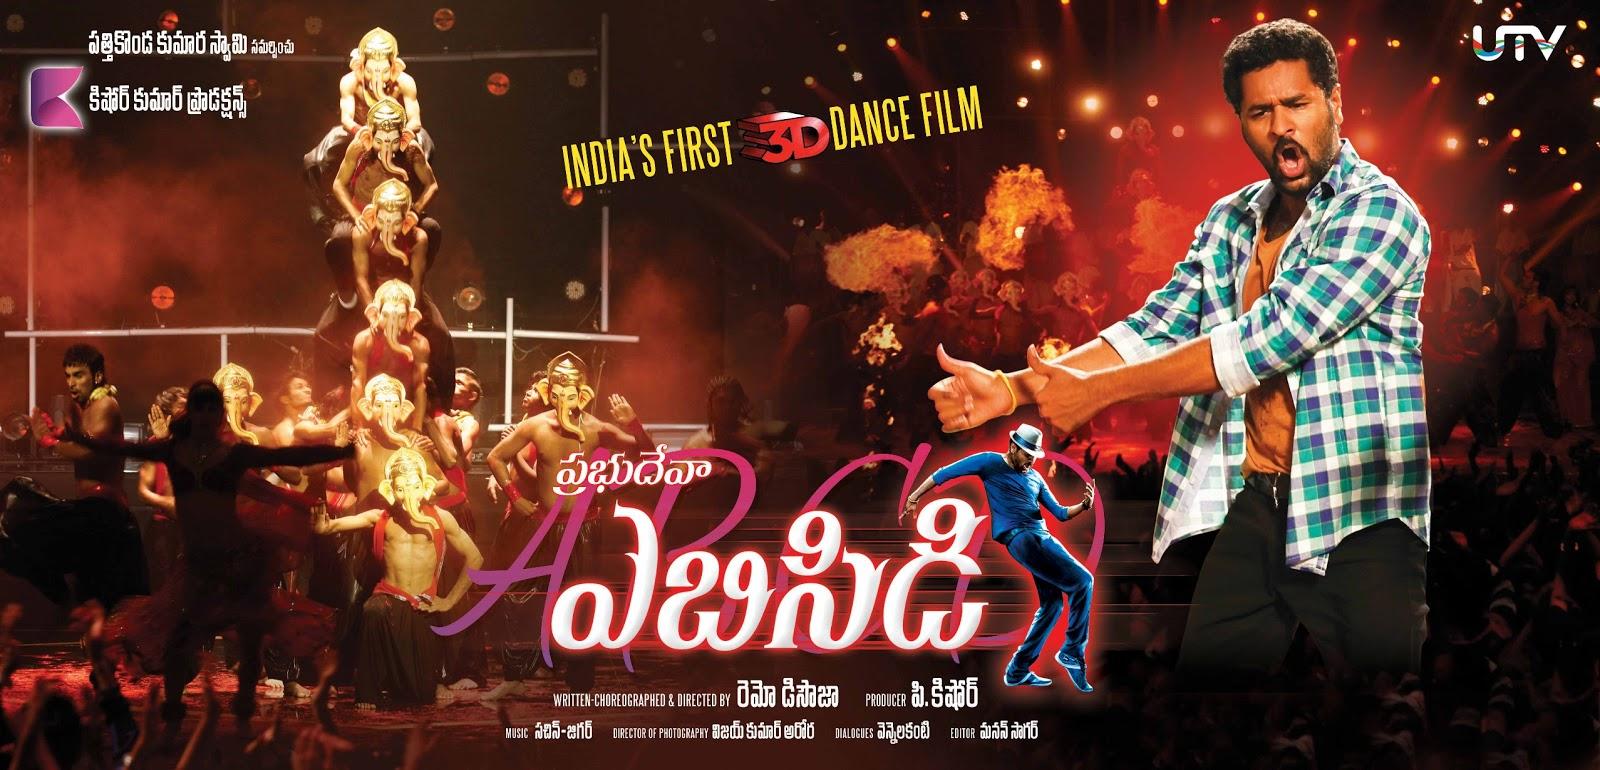 https://2.bp.blogspot.com/-Cjiask4YHPg/UQUjQKx97sI/AAAAAAAAA7I/cAeN-jnxHqQ/s1600/ABCD-Telugu-Movie-Wallpapers-1.jpg